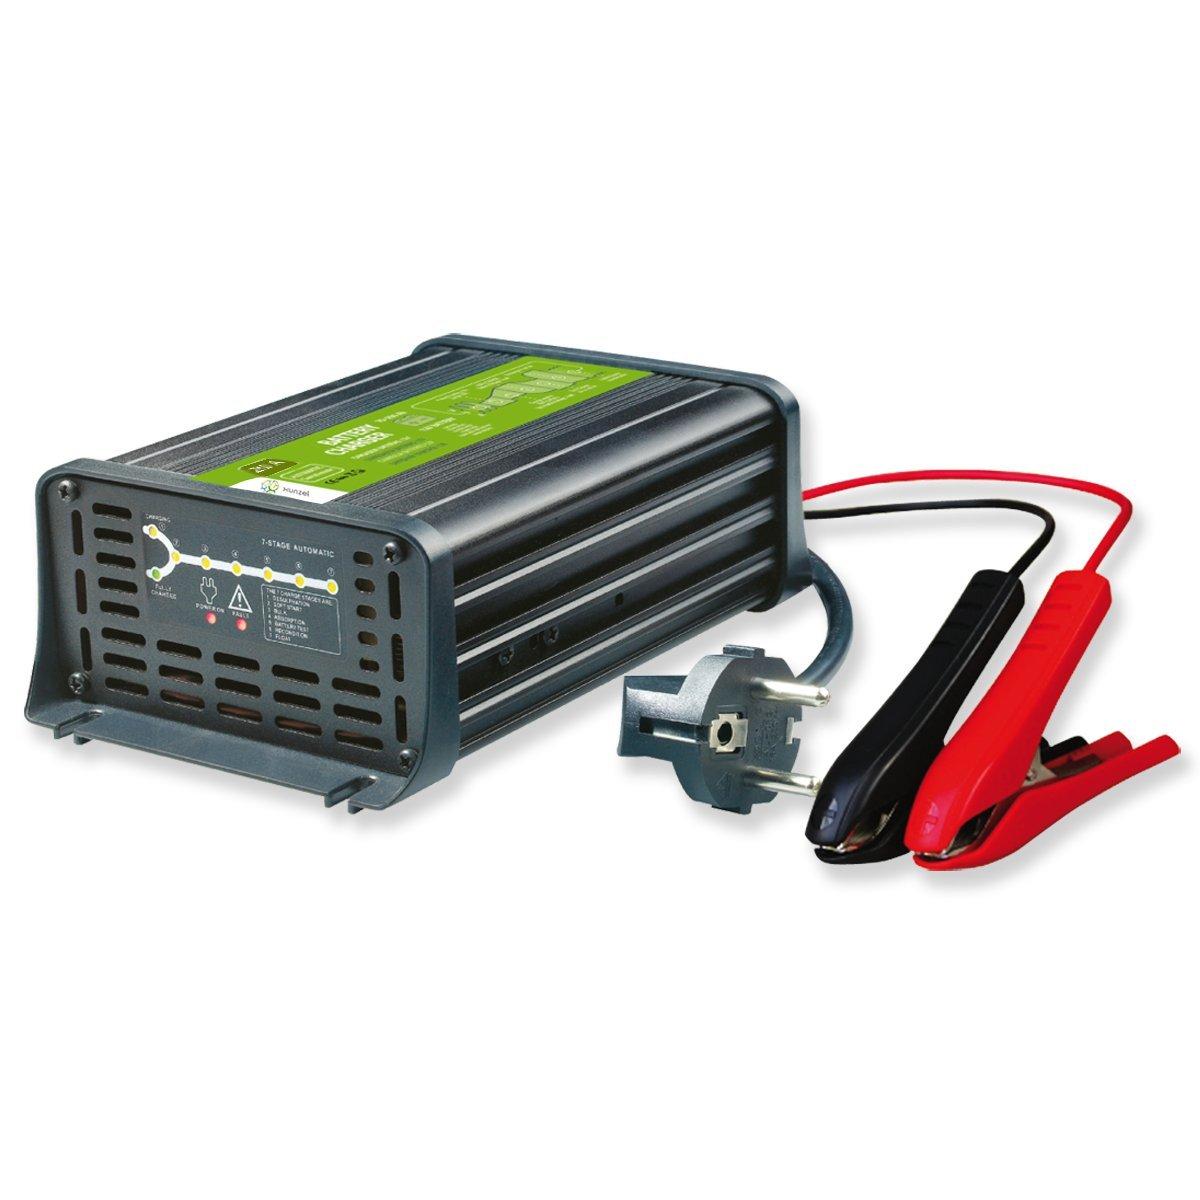 XUNZEL avanzada 10 A digital cargador de baterí a 24 V Qty: 1 dbc2410